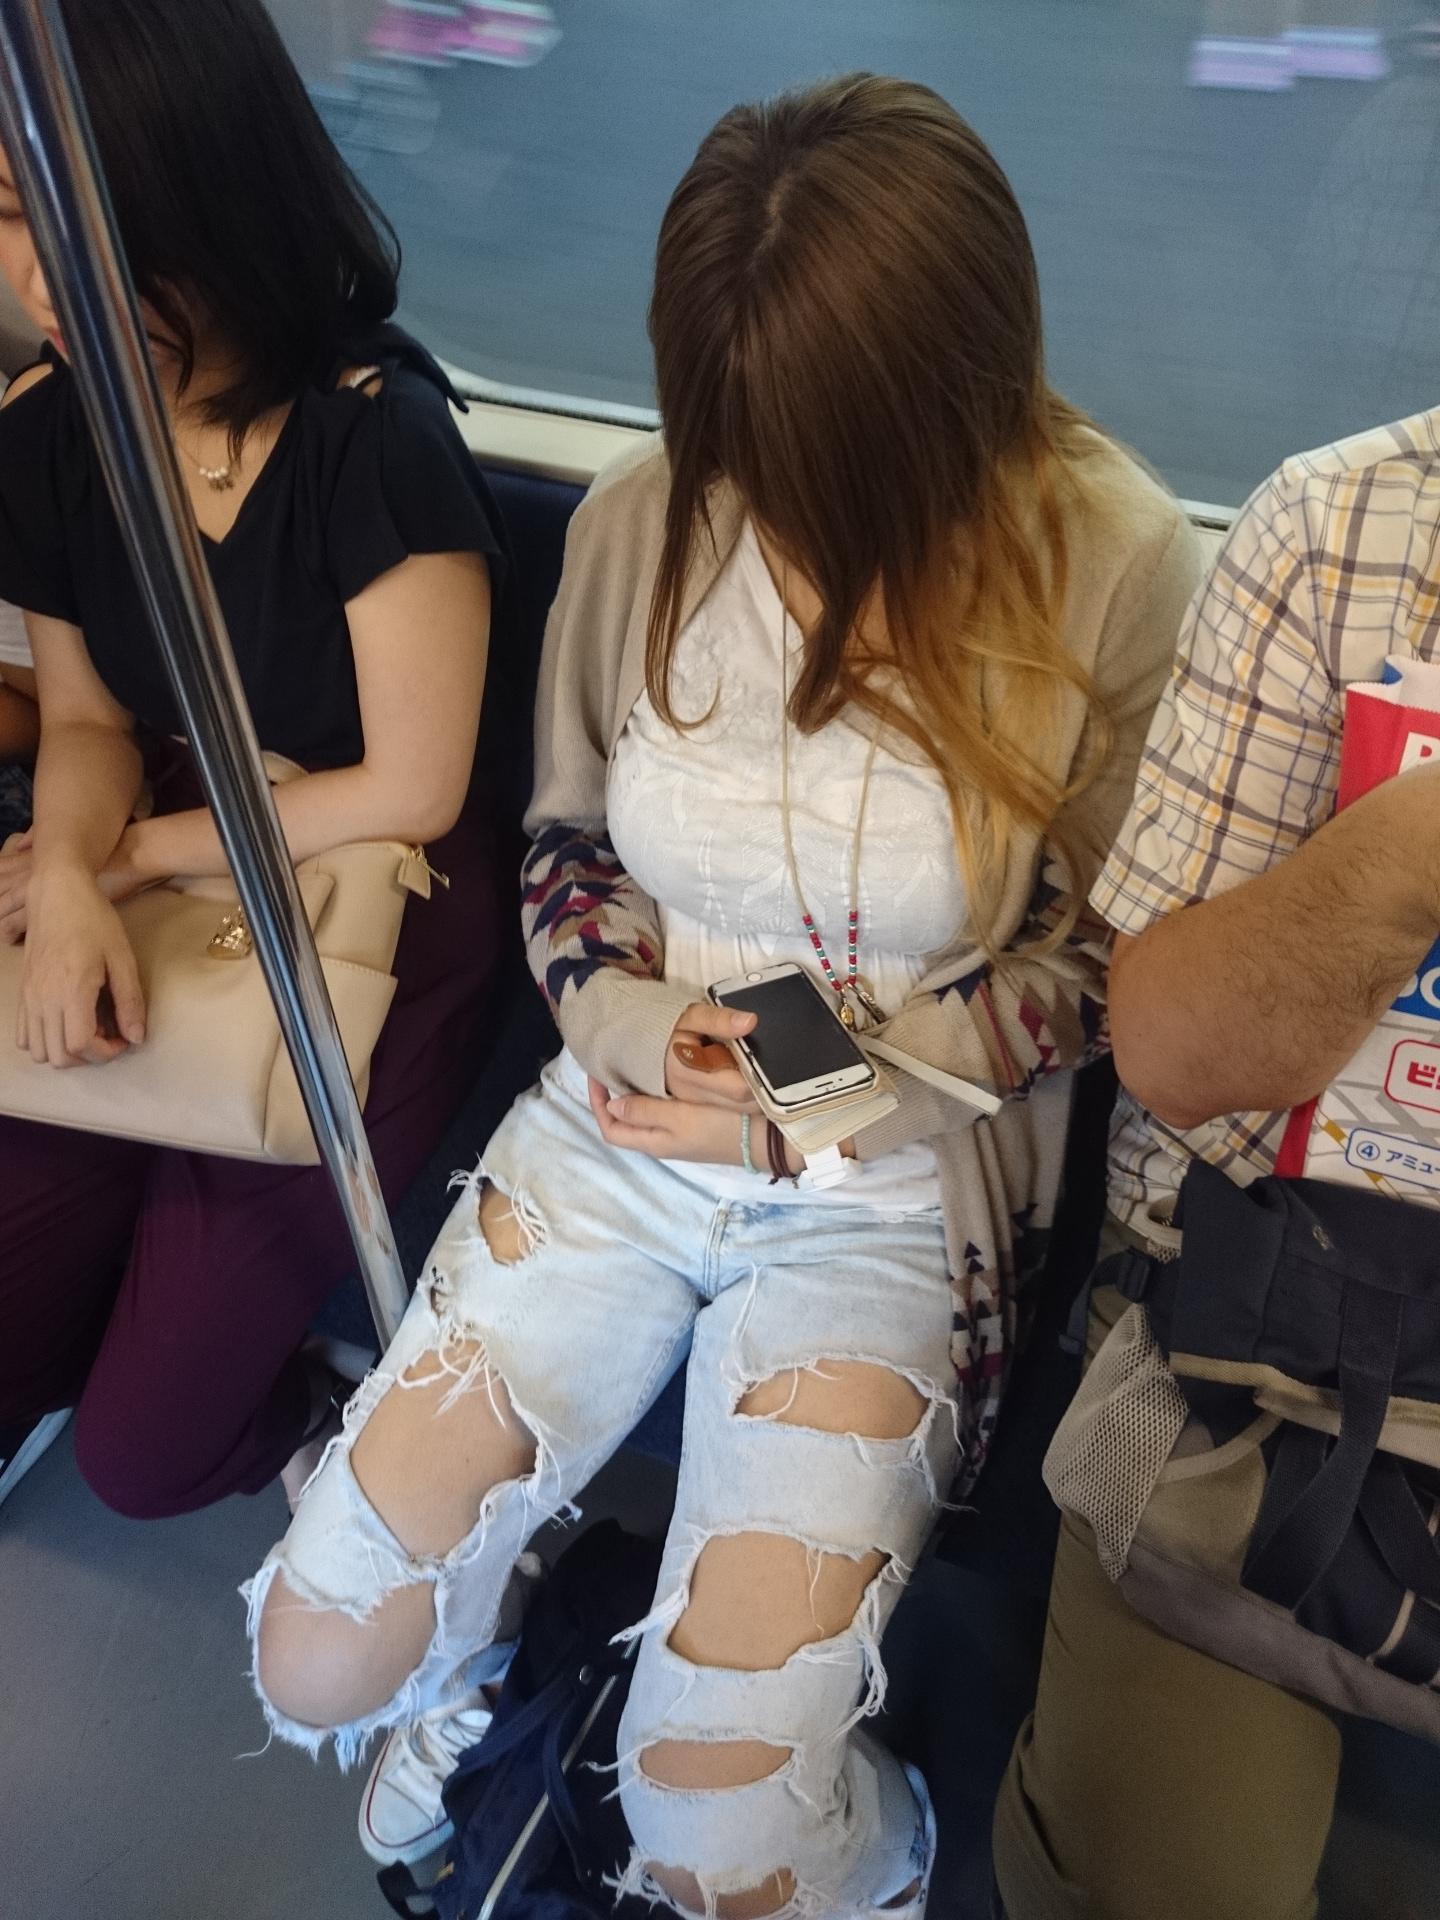 おっぱいがムチムチ人妻さん、パイスラしながら買い物に出かけてしまうwwwwwww XzUmWyM